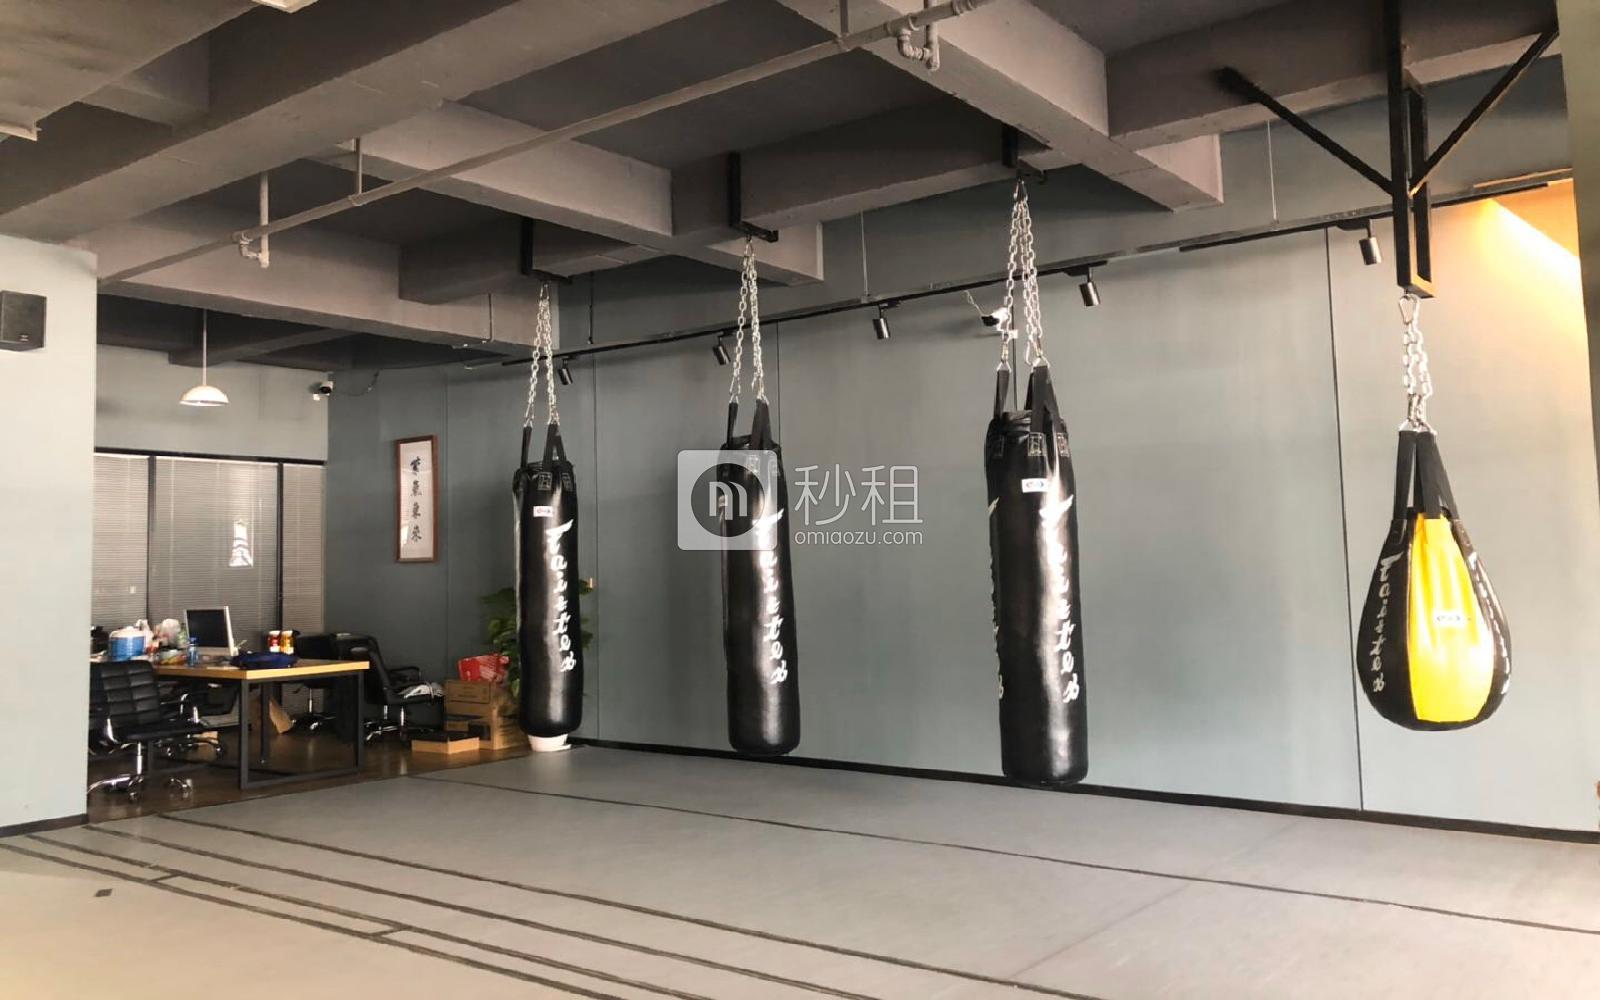 南山-蛇口 蛇口网谷-科技大厦 738m²